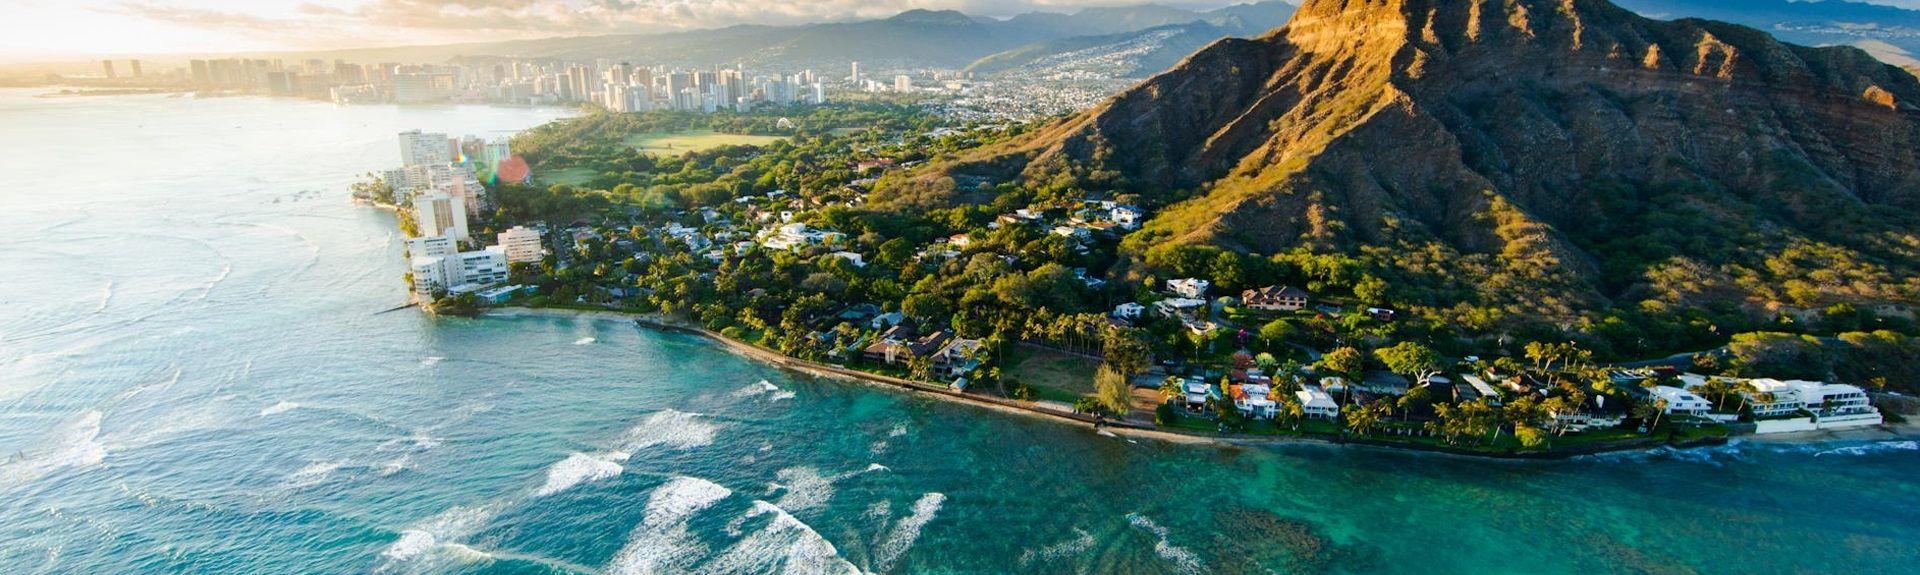 Waikiki Banyan (Honolulu, Hawaii, USA)